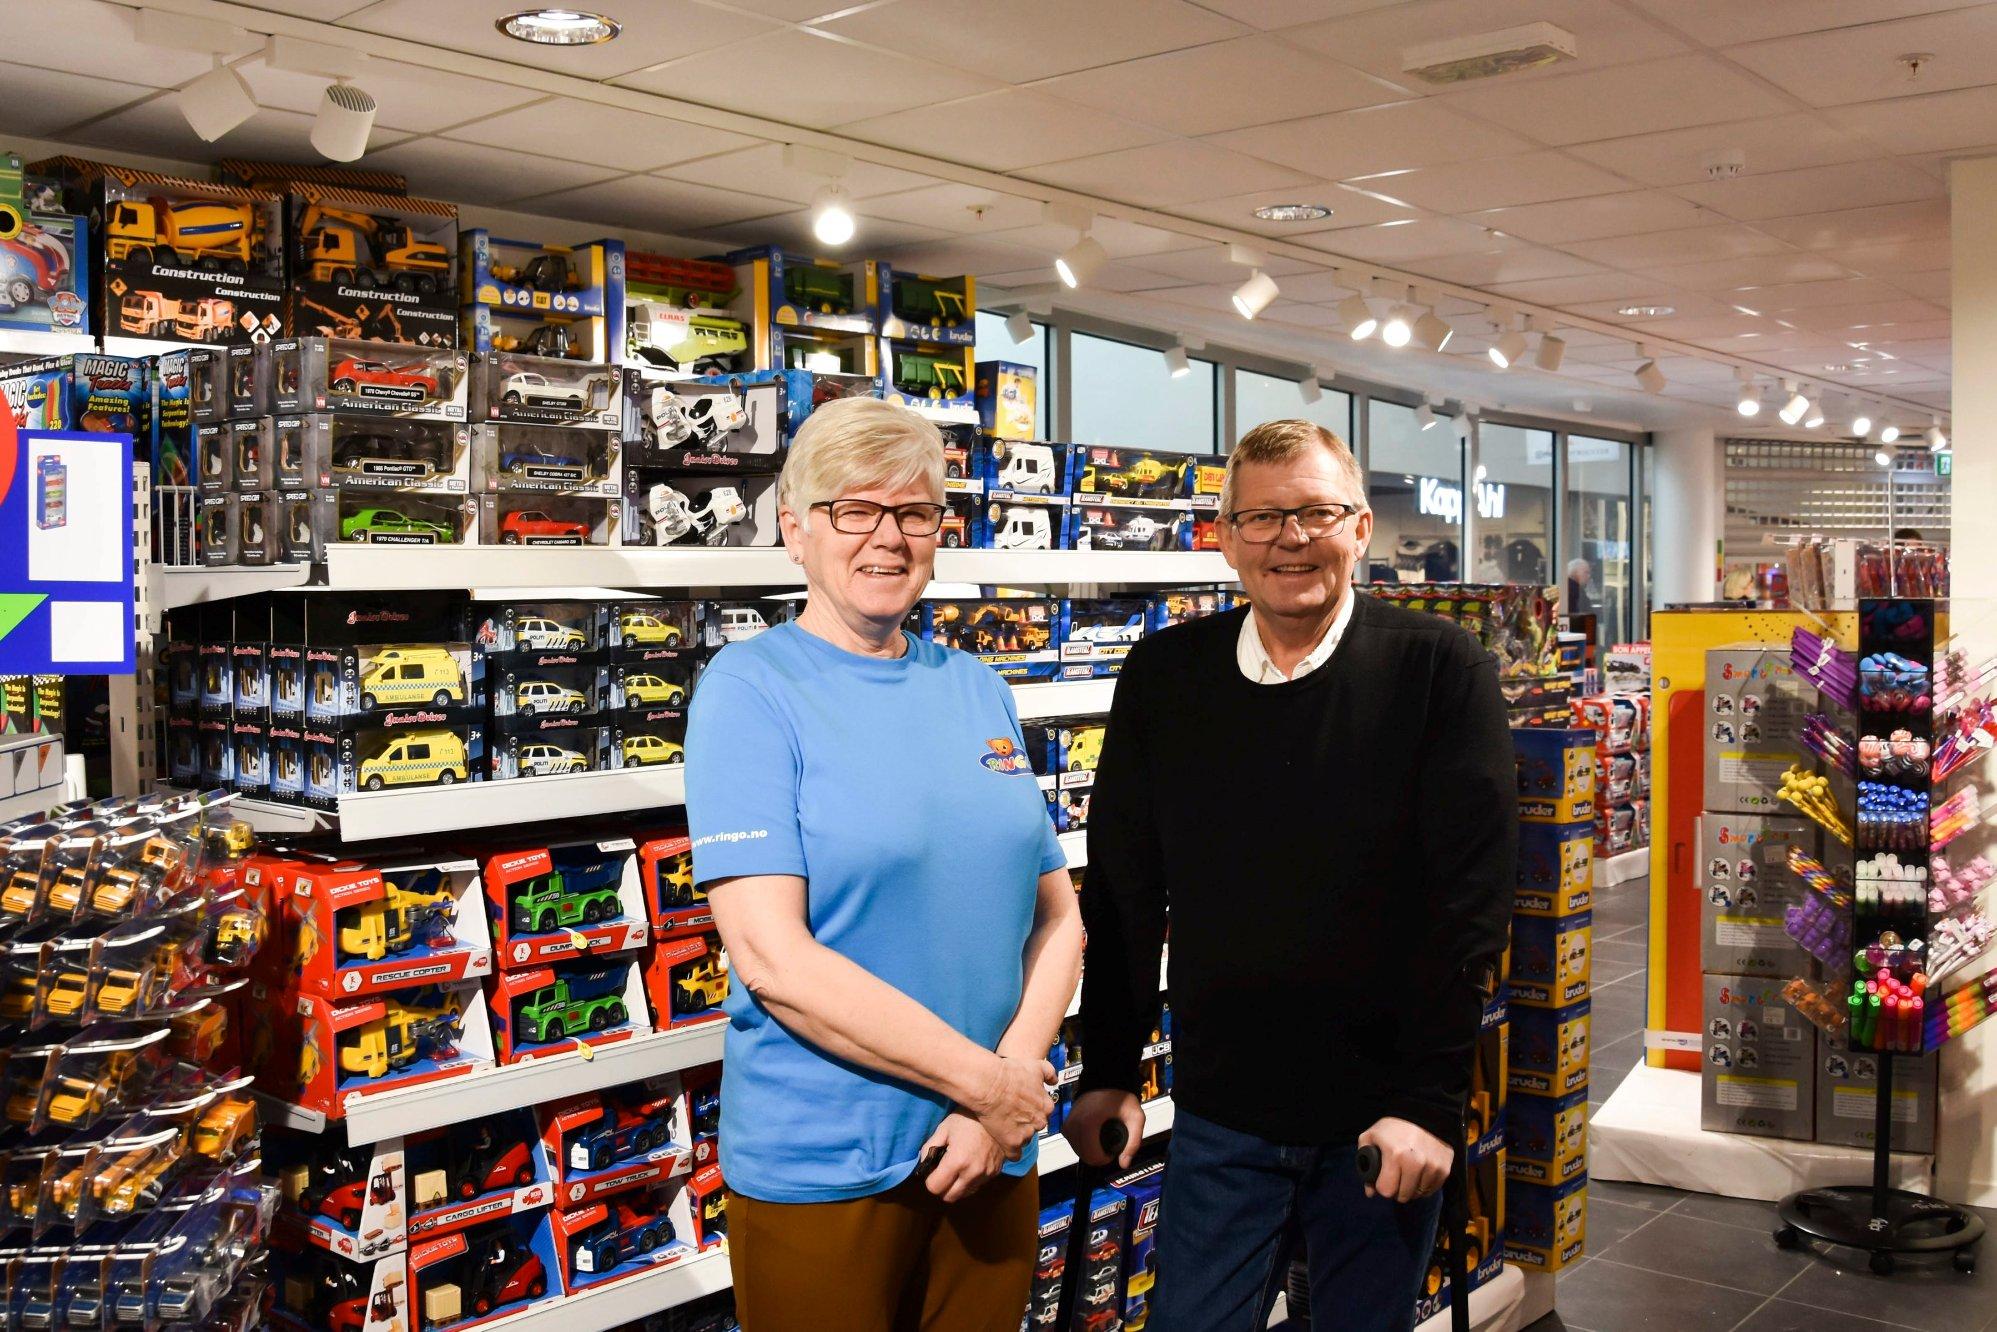 Økelsrud tilbake med lekebutikk i Dala: – Vi skal klare å selge leker for fem millioner kroner